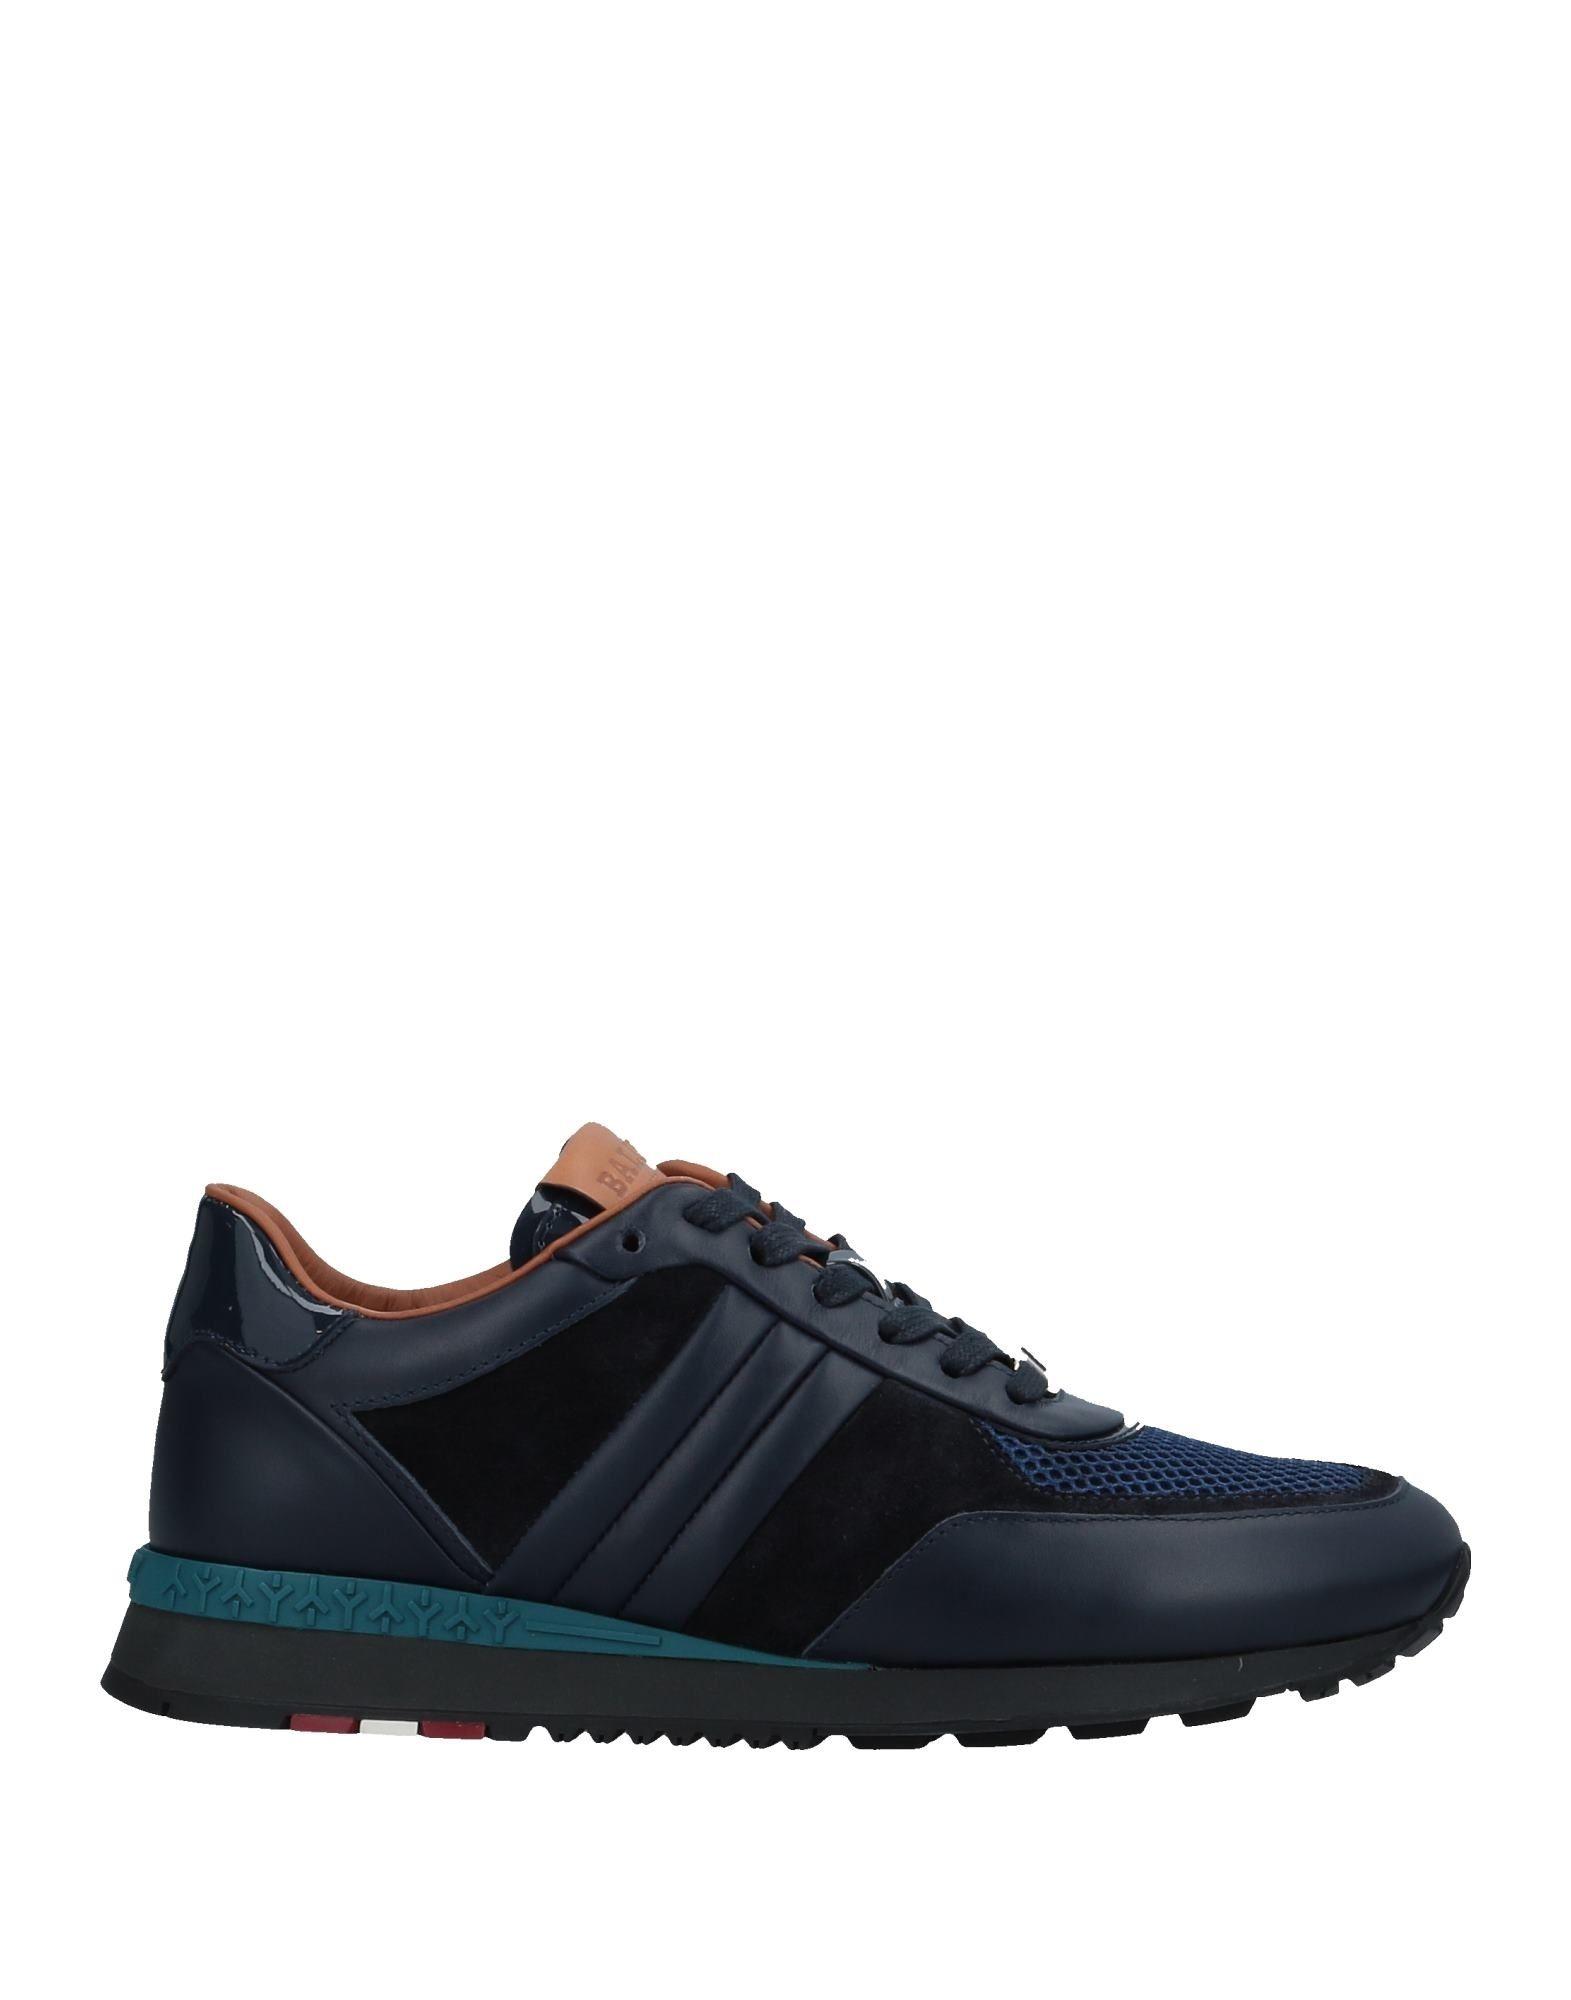 Günstige und modische Schuhe Bally Sneakers Herren  11506159FJ